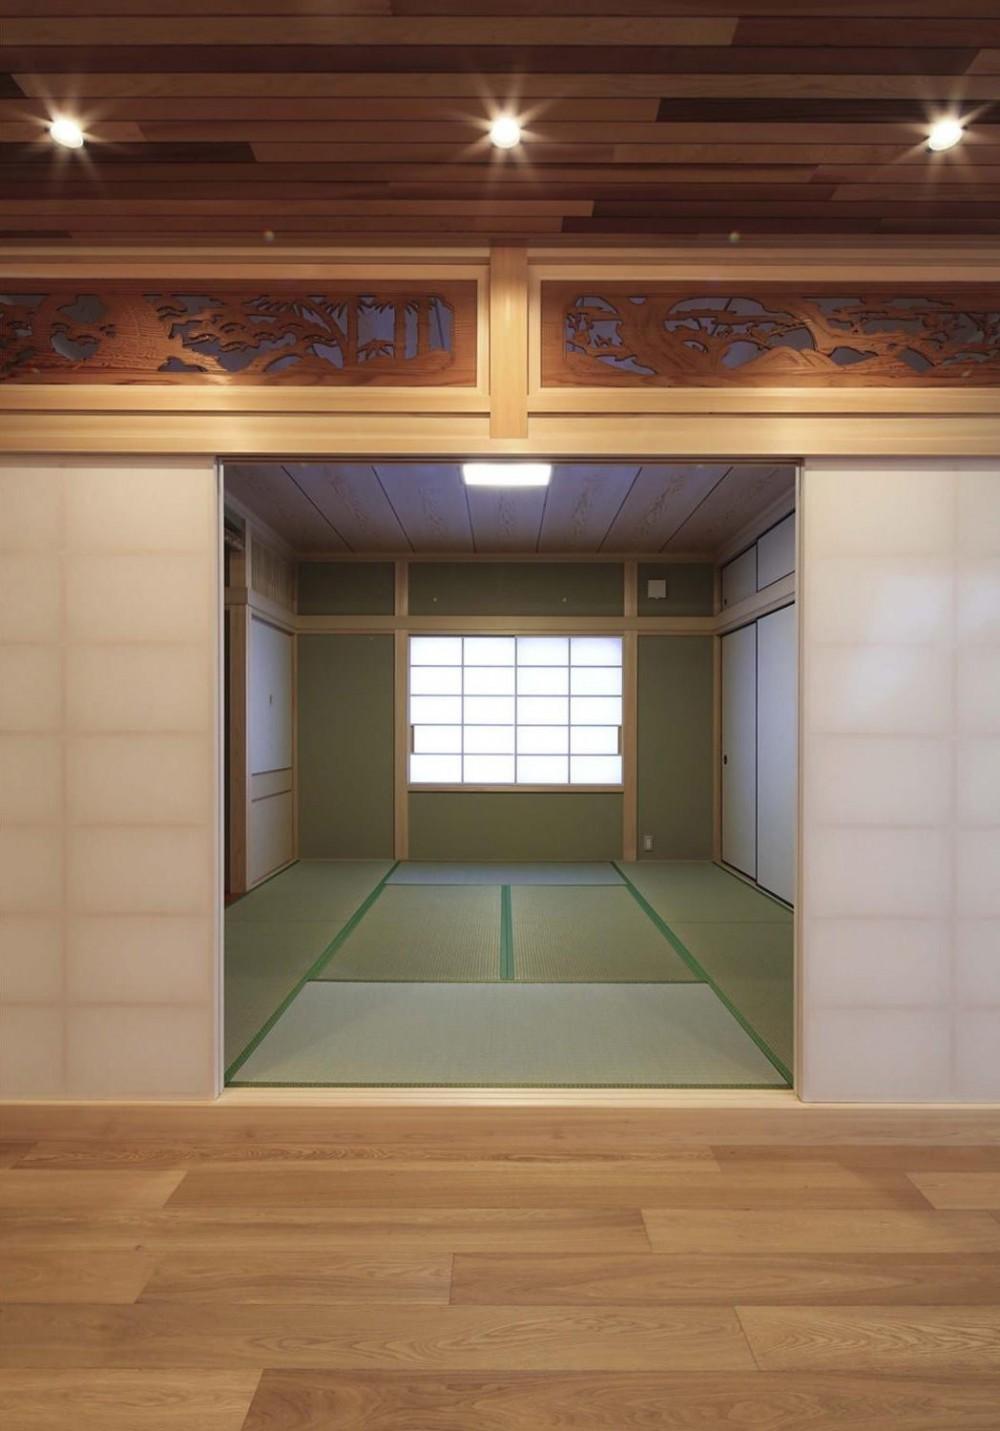 『TOMOIKI NO IE』こだわりいっぱい、和モダンな住宅 (欄間が美しい和室)